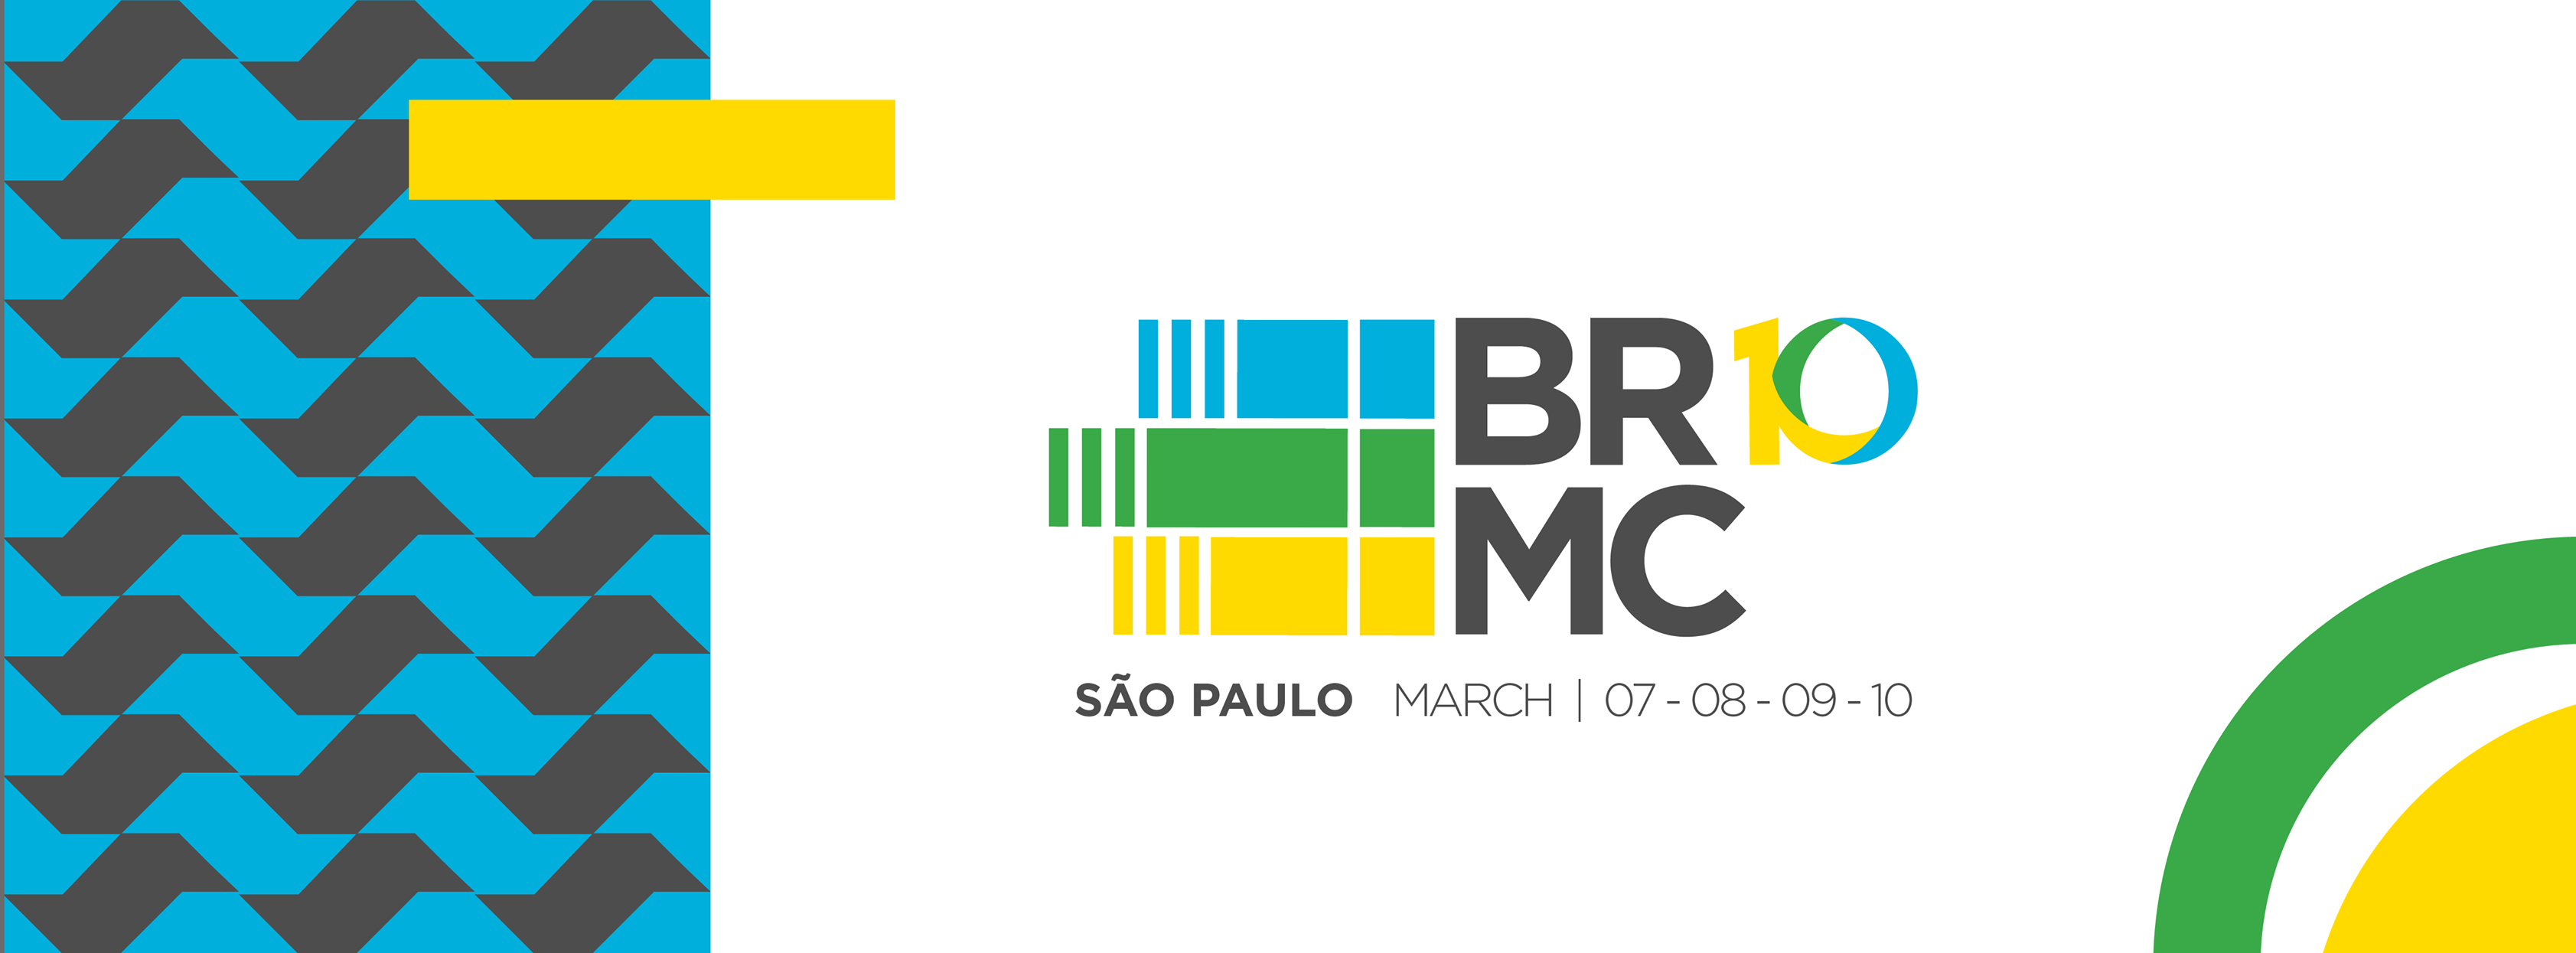 brazil_music_conference_revista_backstages_brasil_2018